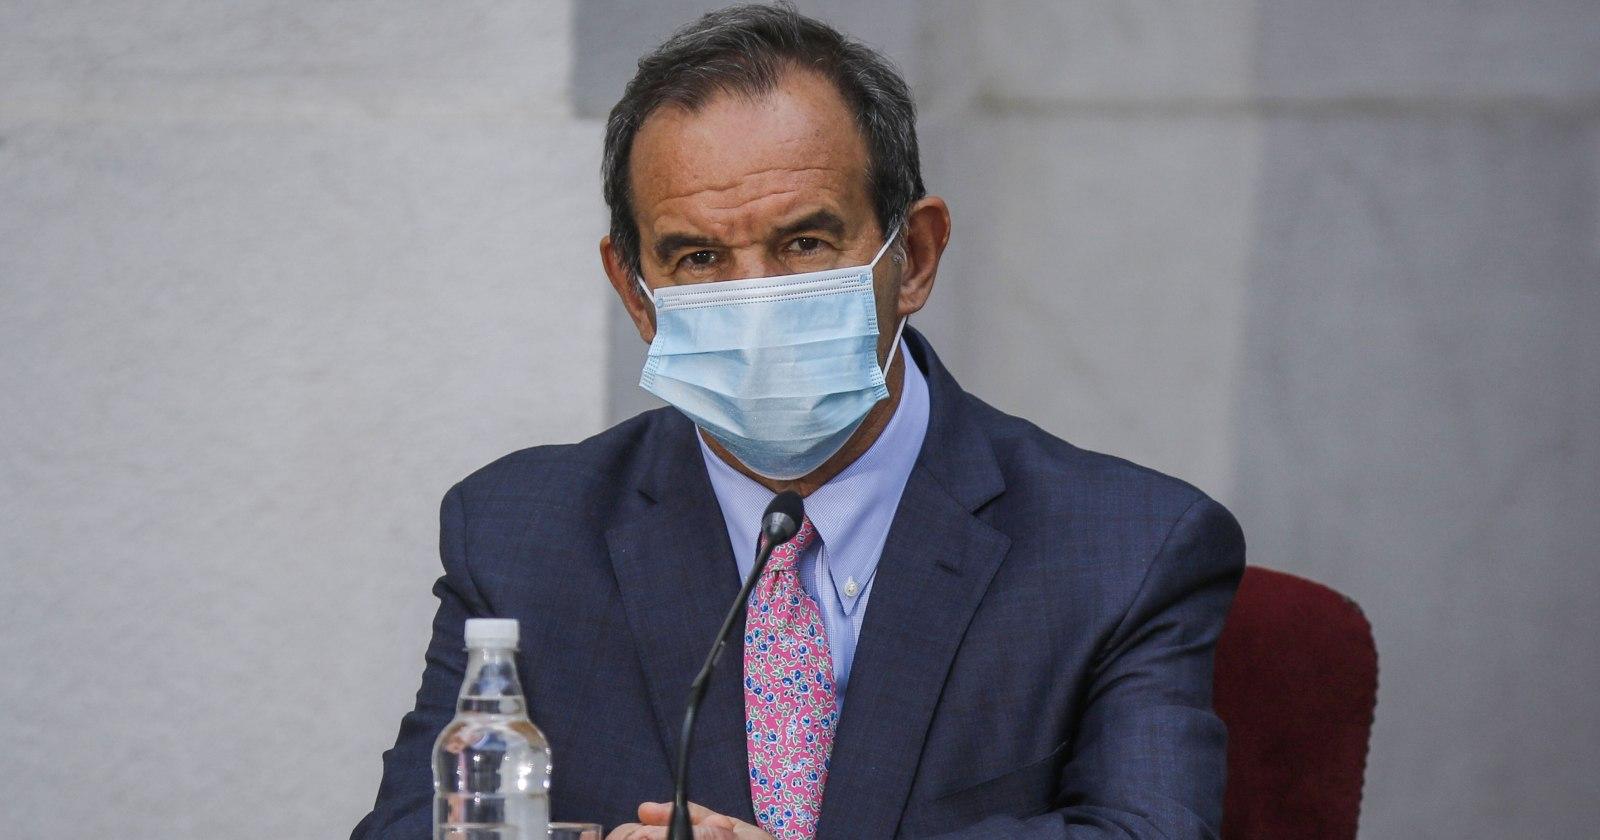 Allamand descartó contradicción ante rechazo a firmar Acuerdo de Escazú